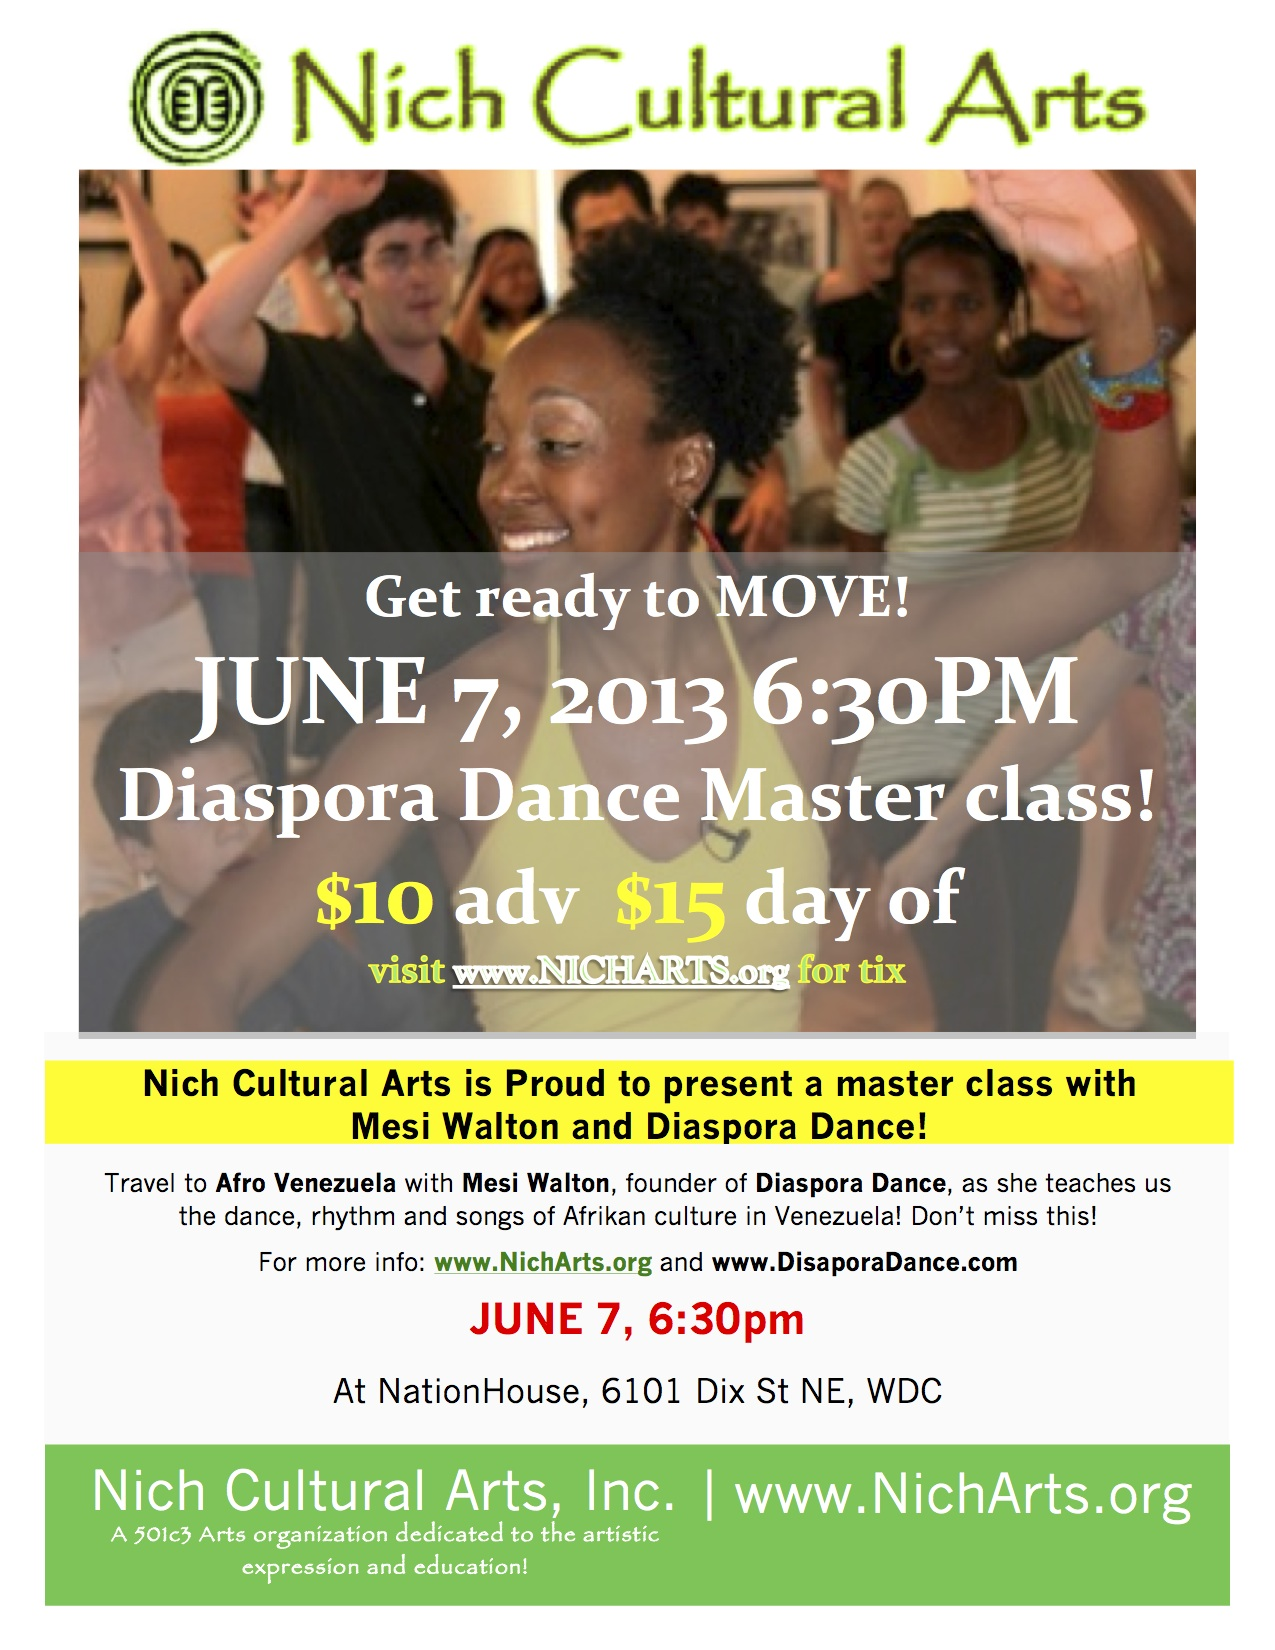 Nich Diaspora Dance flyer color1 copy